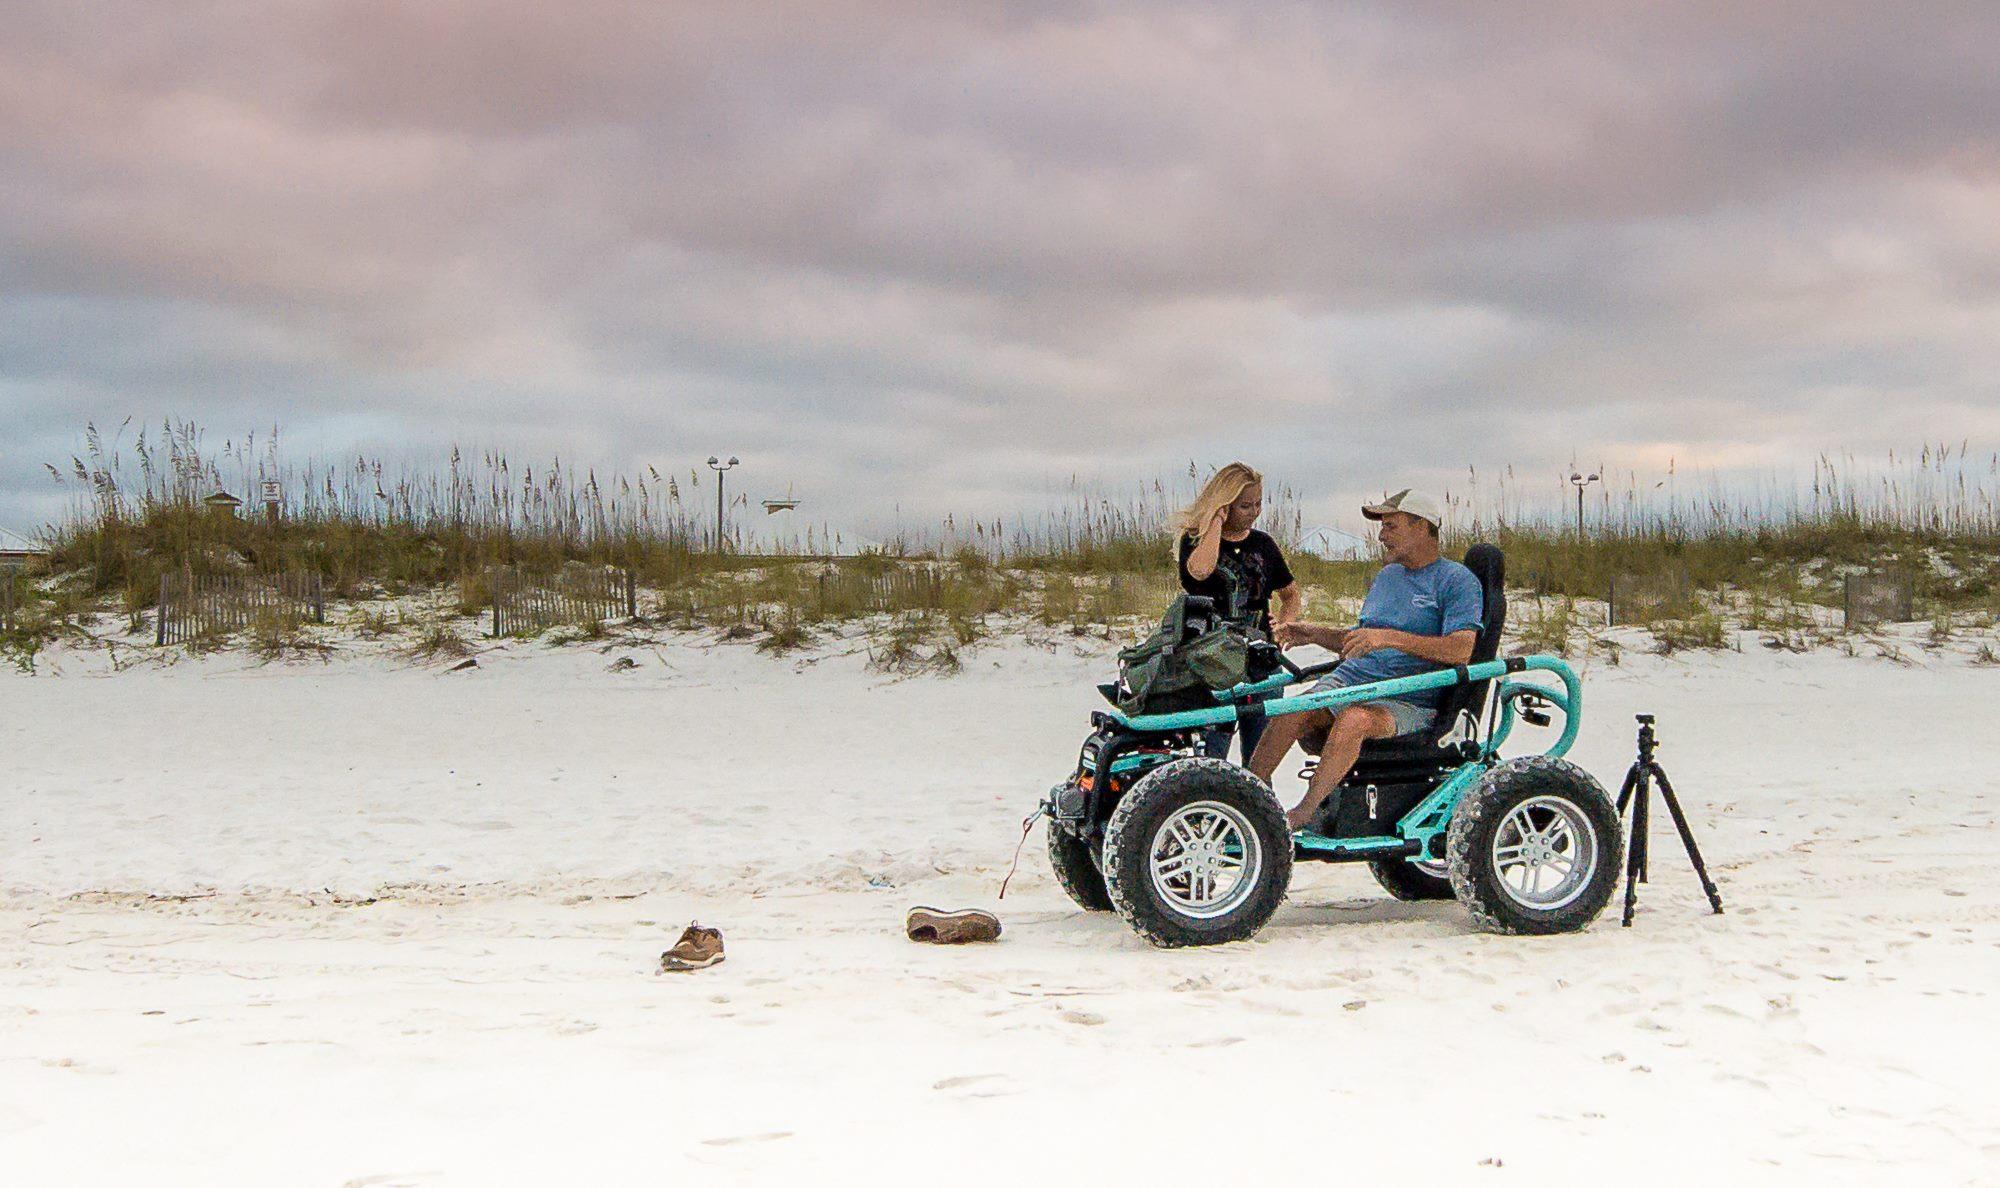 TerrainHopper beach photography